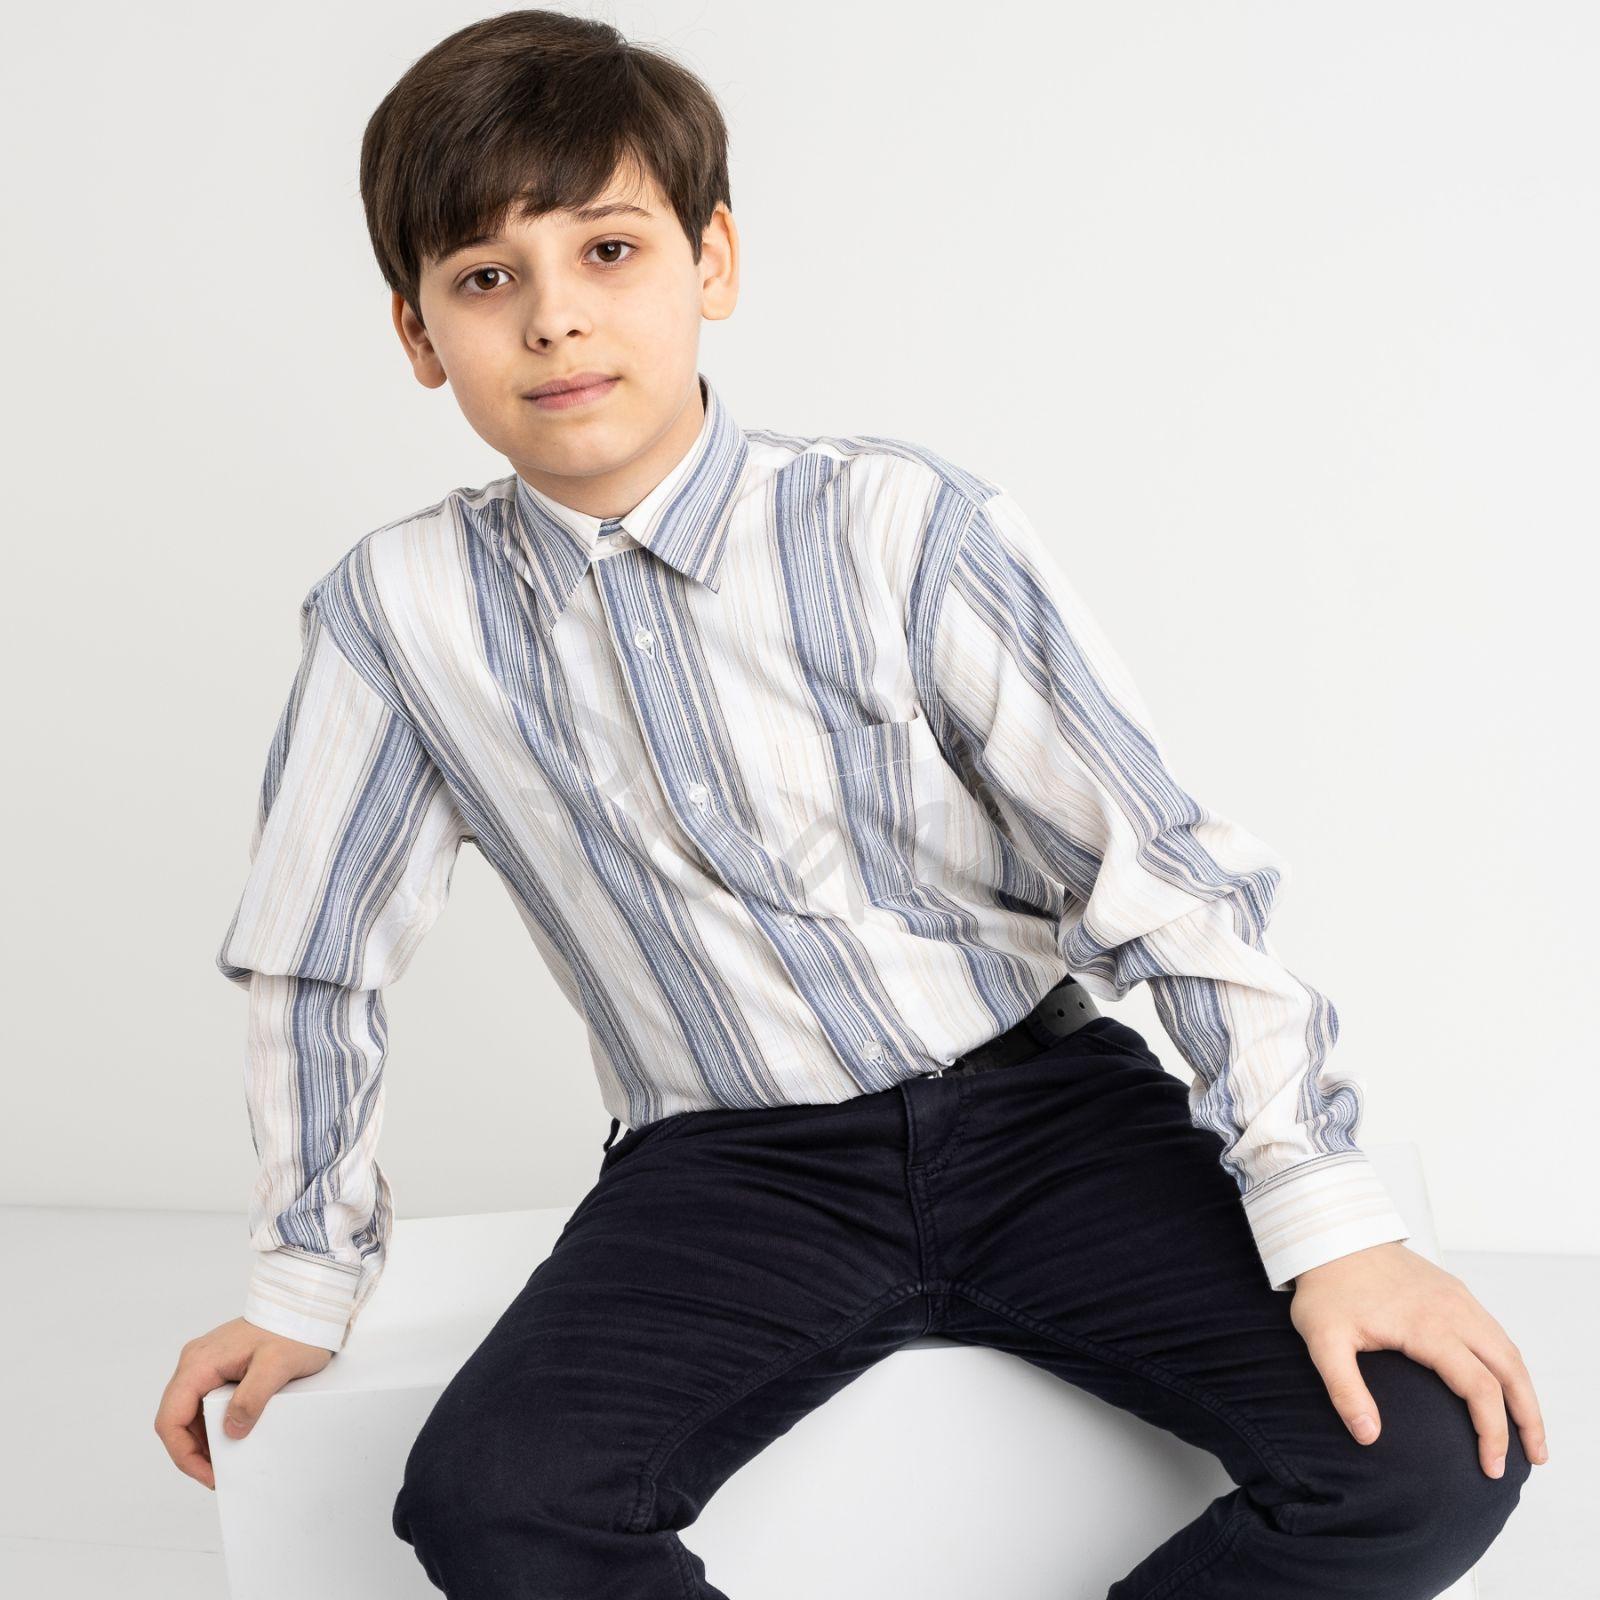 1908 Boston Public белая рубашка в полоску на мальчика 7-15 лет (5 ед. размеры: 30/31.32/33.33/34.34/35.35/36)